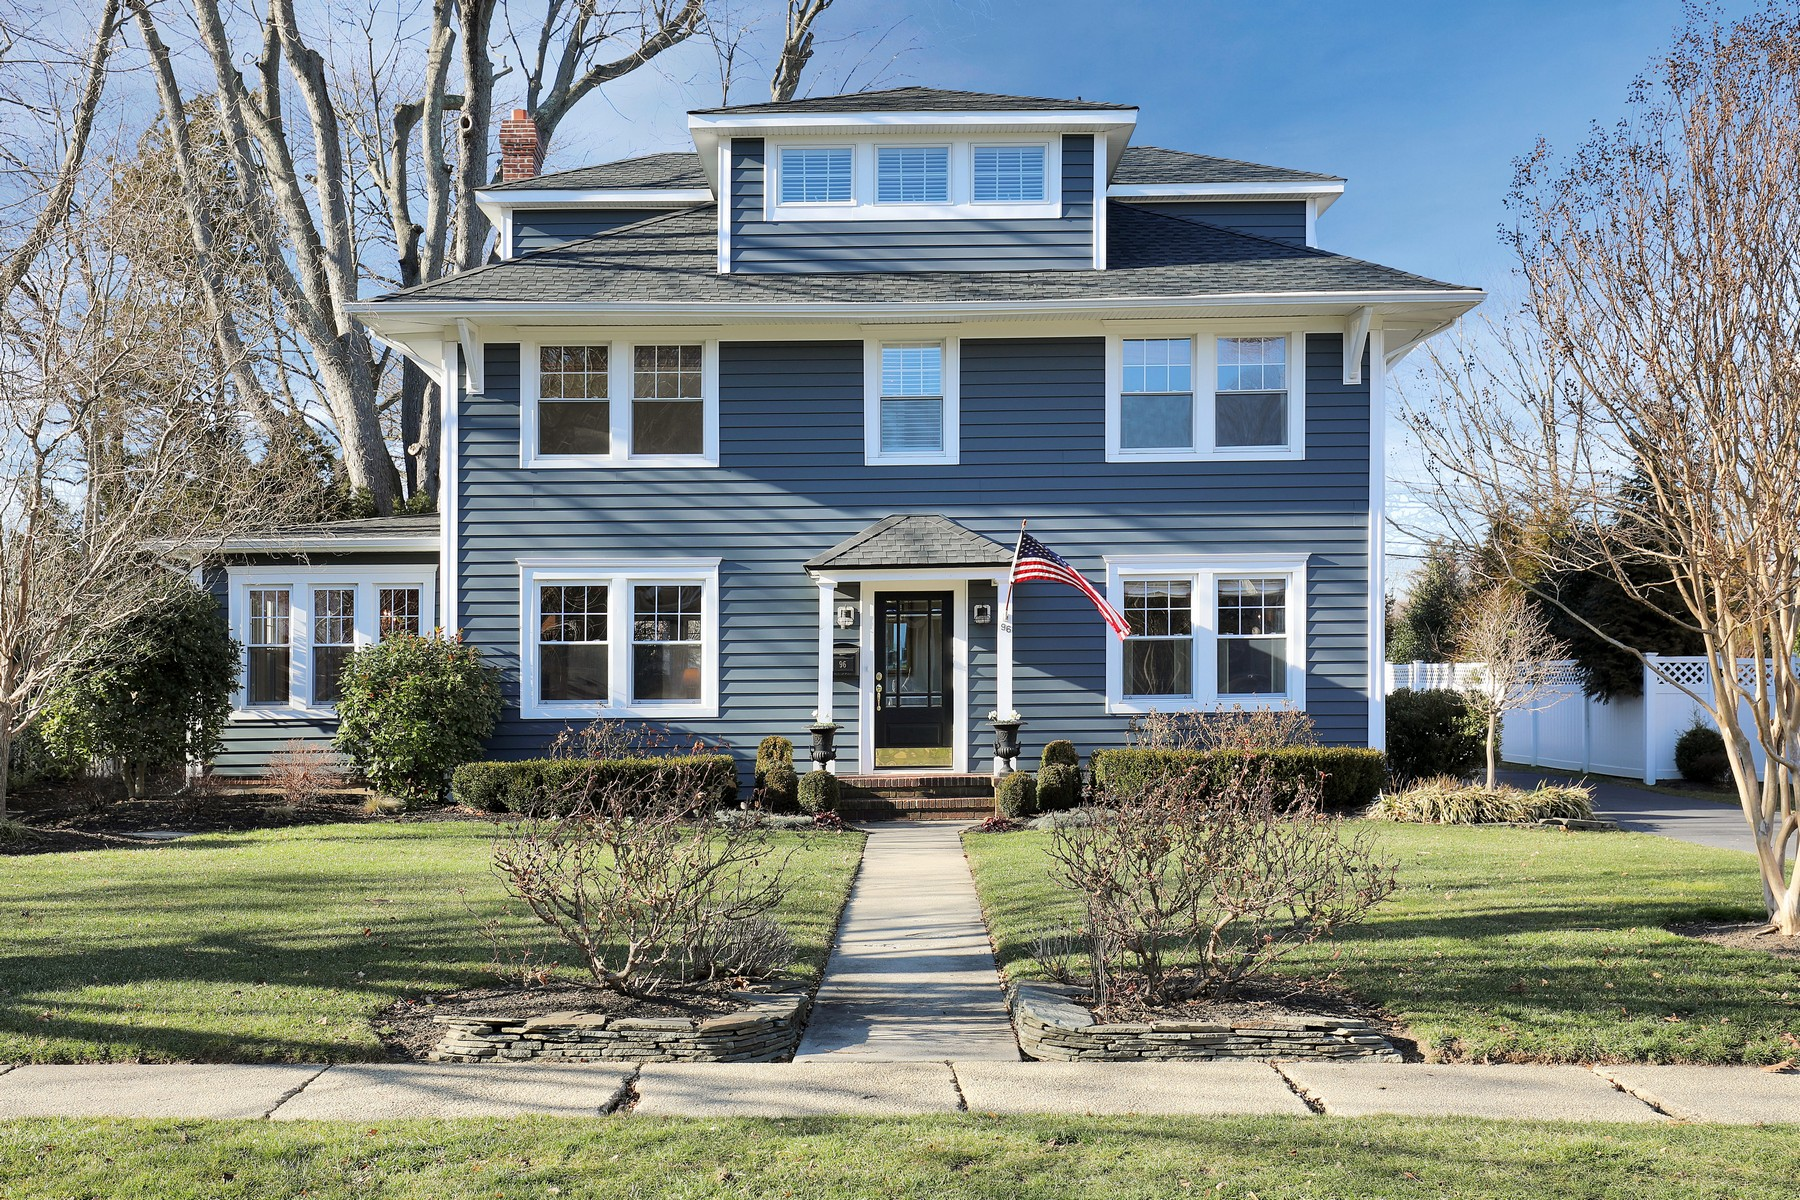 Maison unifamiliale pour l Vente à 96 Harvard Road Fair Haven, New Jersey, 07704 États-Unis